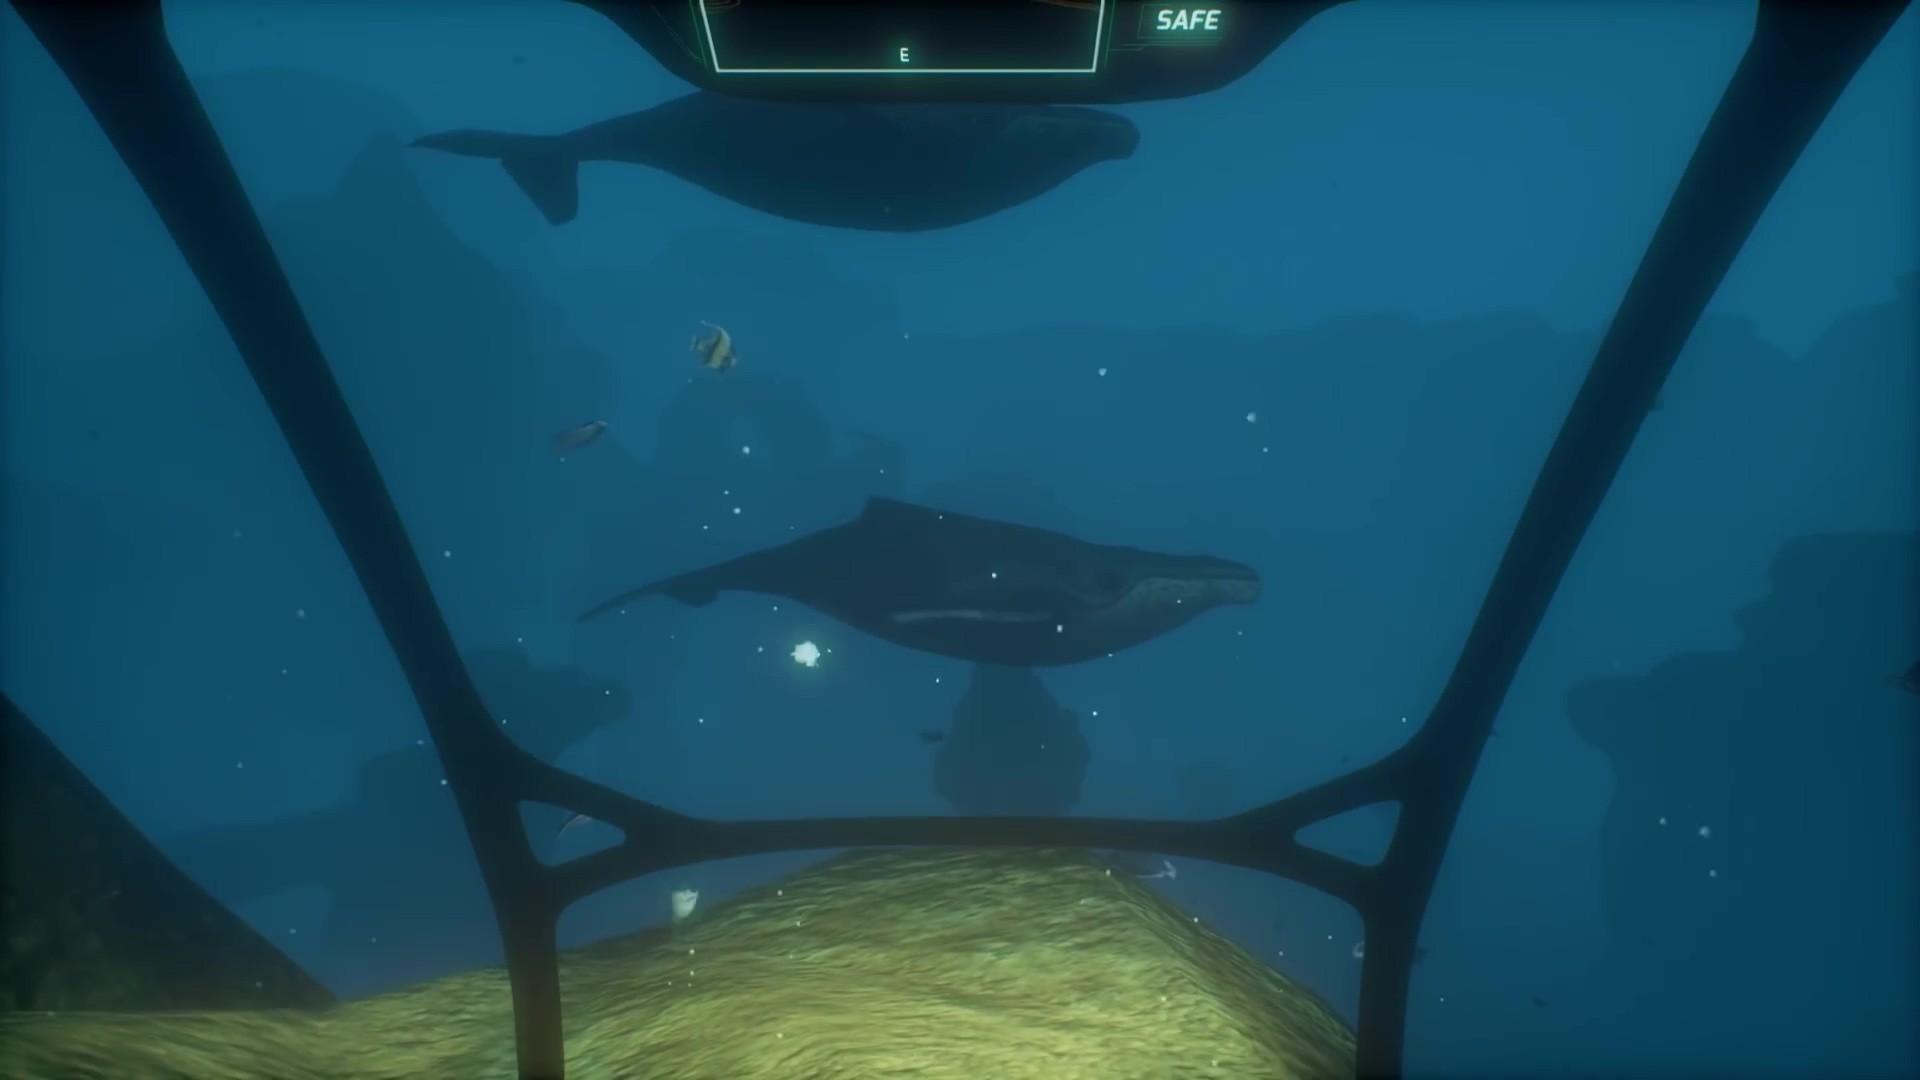 深海惊悚游戏《铁鱼》即将登陆steam